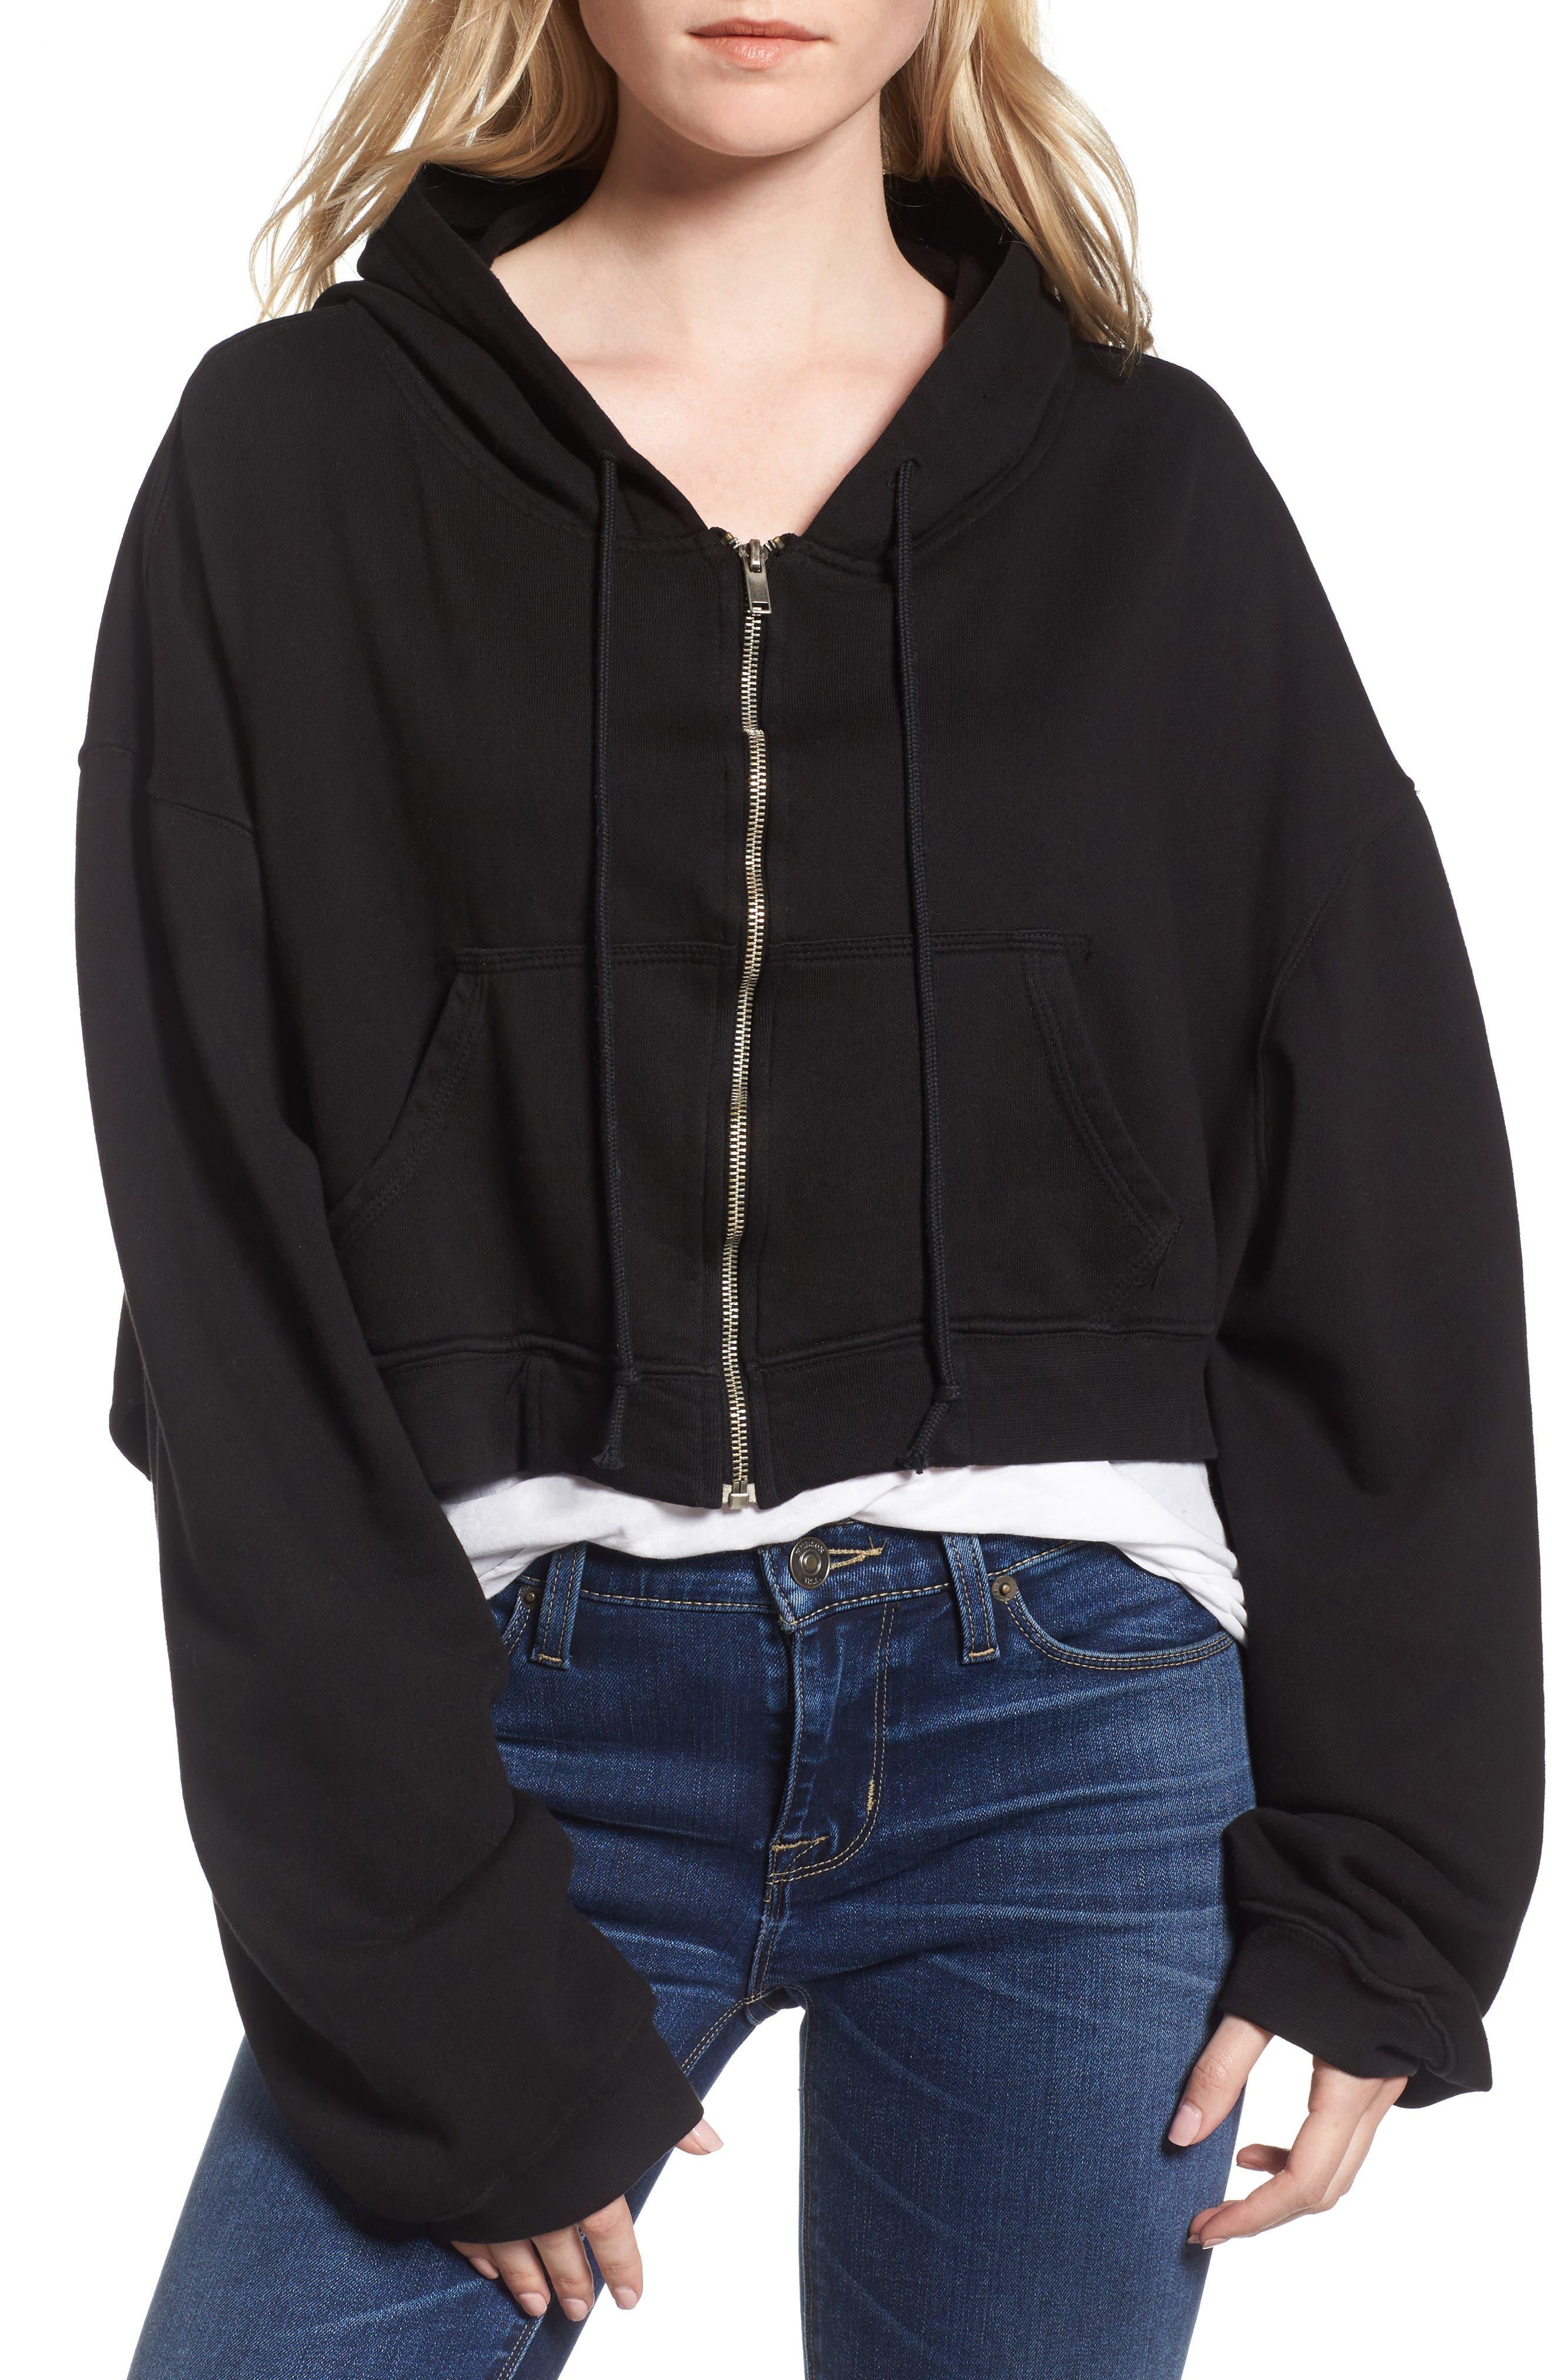 Alternate Image 1 Selected - Hudson Jeans Crop Zip Hoodie